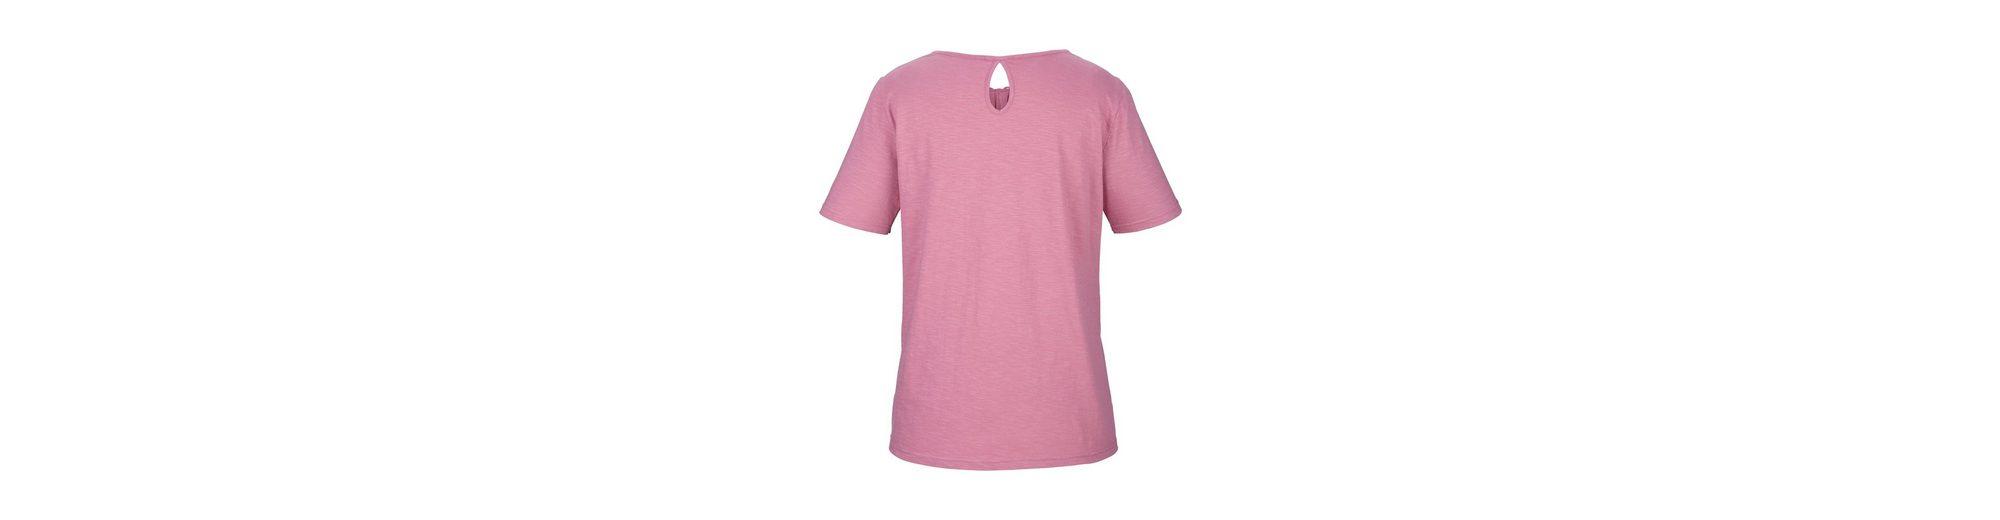 Shirt MIAMODA sch枚ner Ausschnitt am Shirt mit mit sch枚ner MIAMODA Spitze vSBq5xw